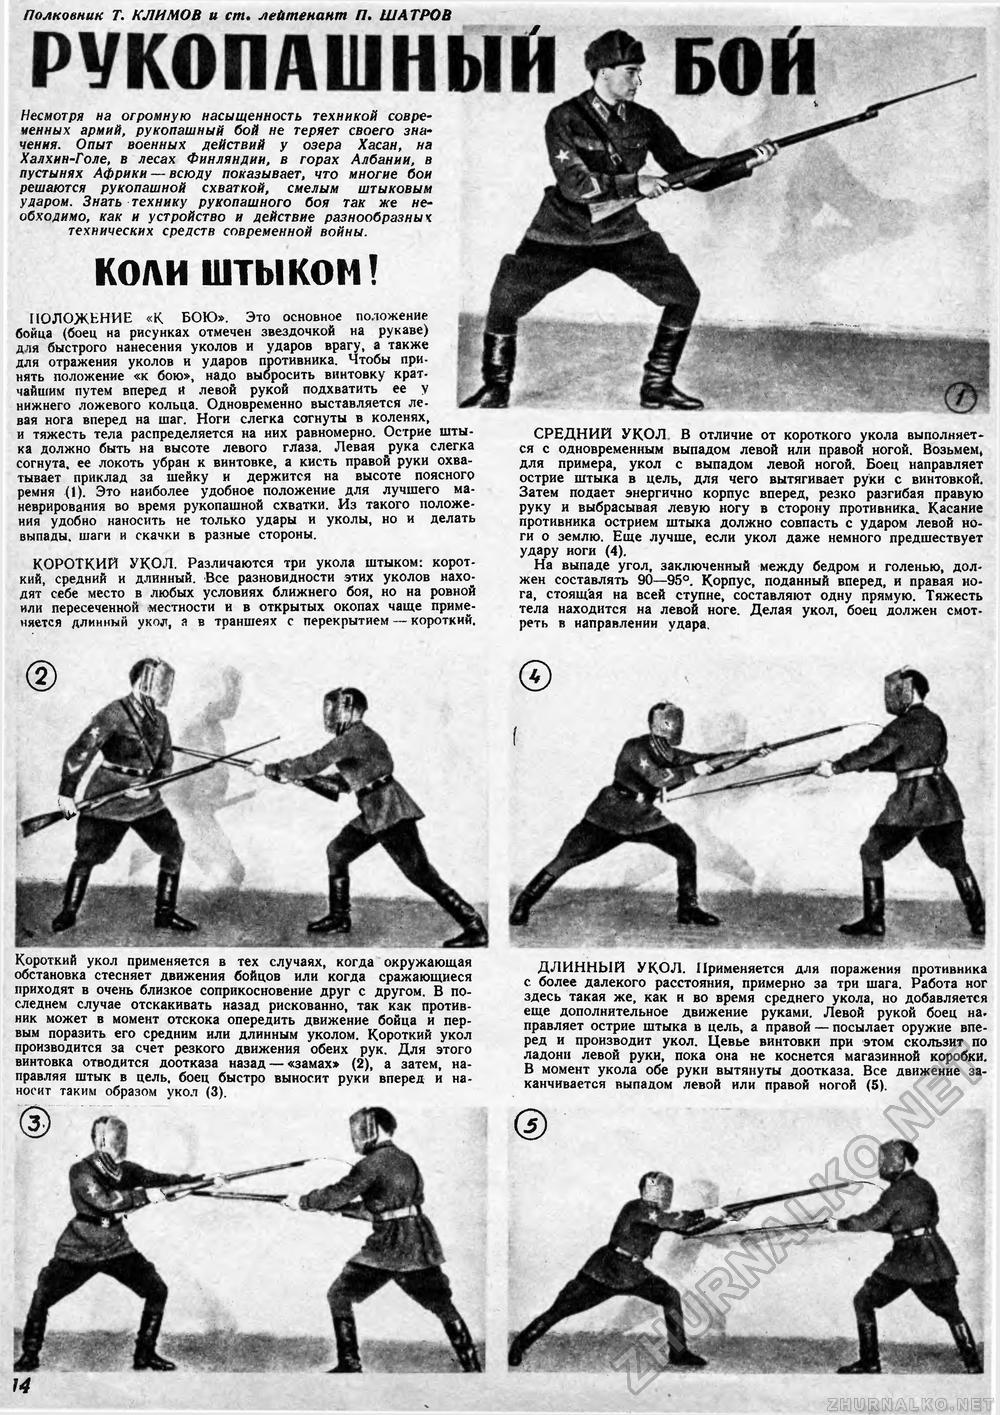 Самоучитель по рукопашному бою 9 фотография